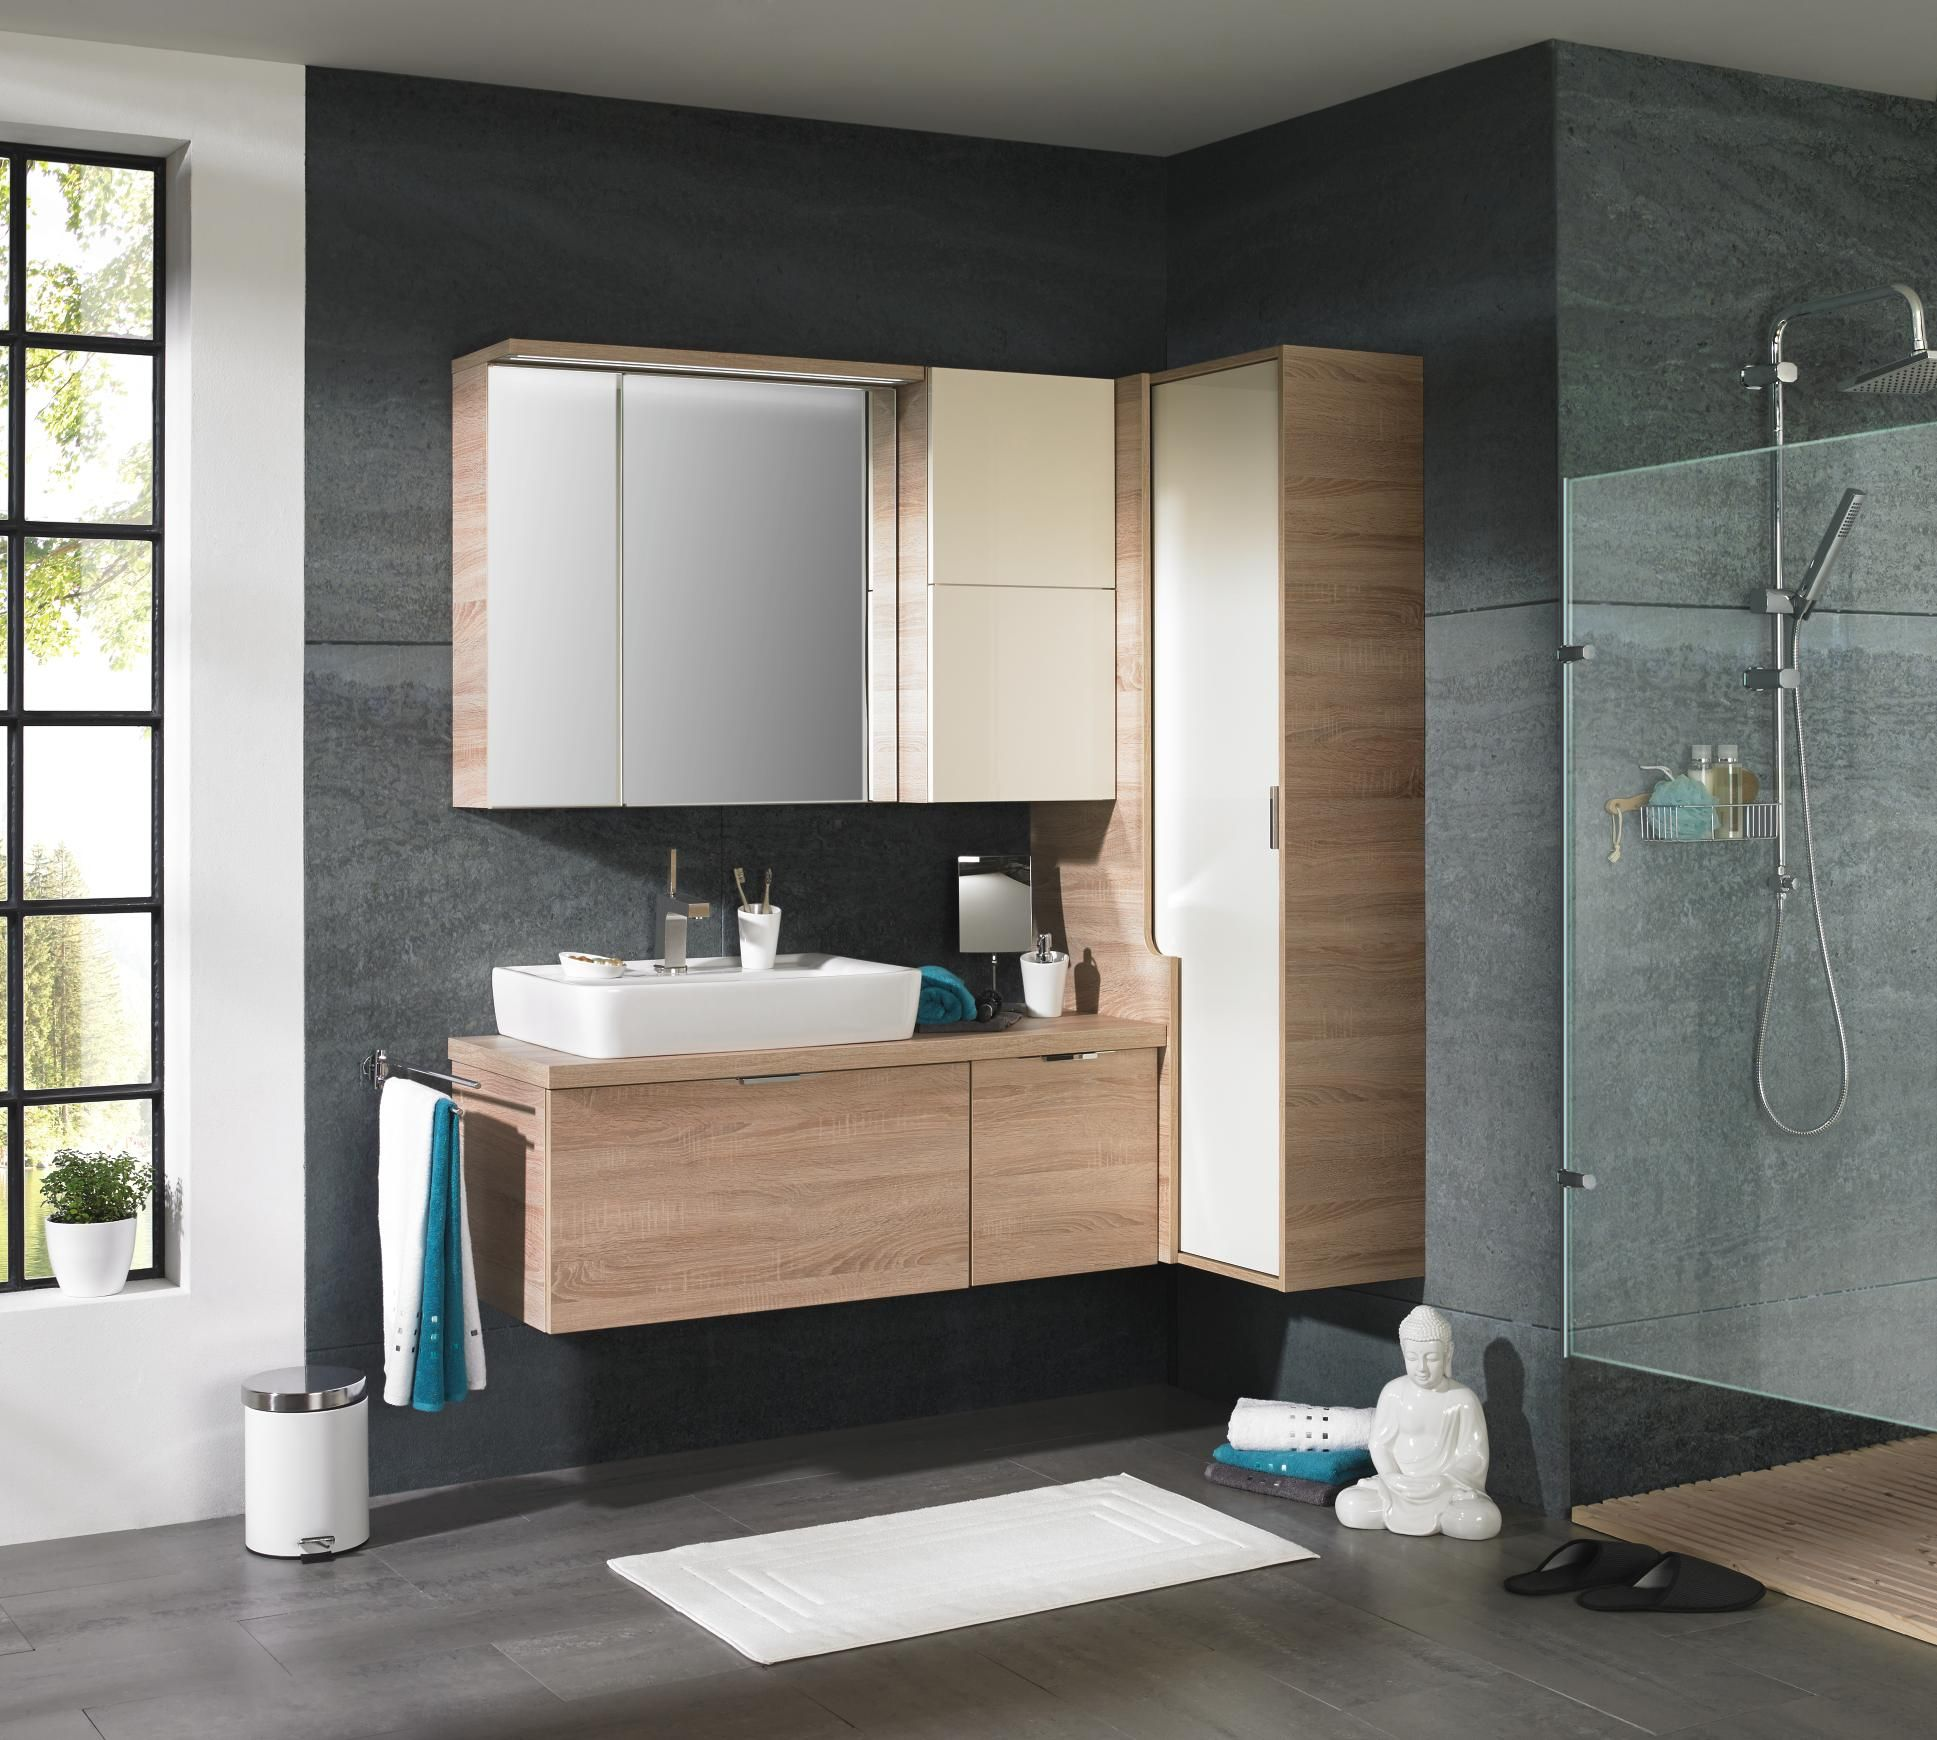 Badezimmer von CELINA modern und funktional Badezimmer